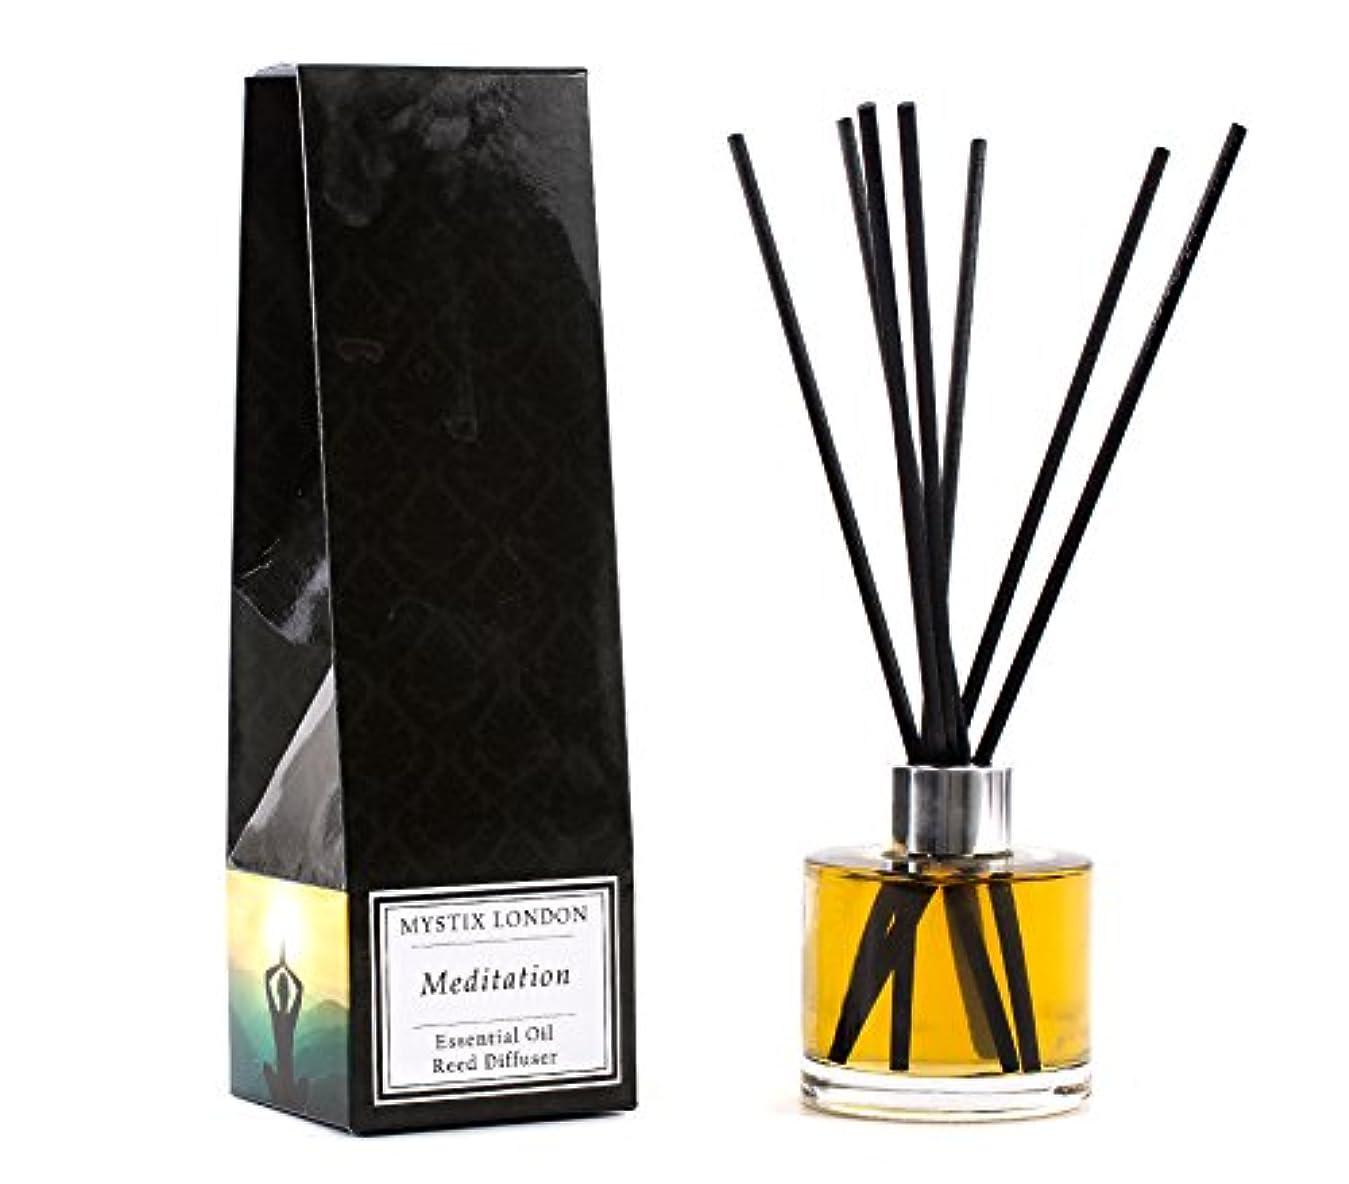 社会主義者サリー国歌Mystix London | Meditation - Essential Oil Reed Diffuser - 100ml